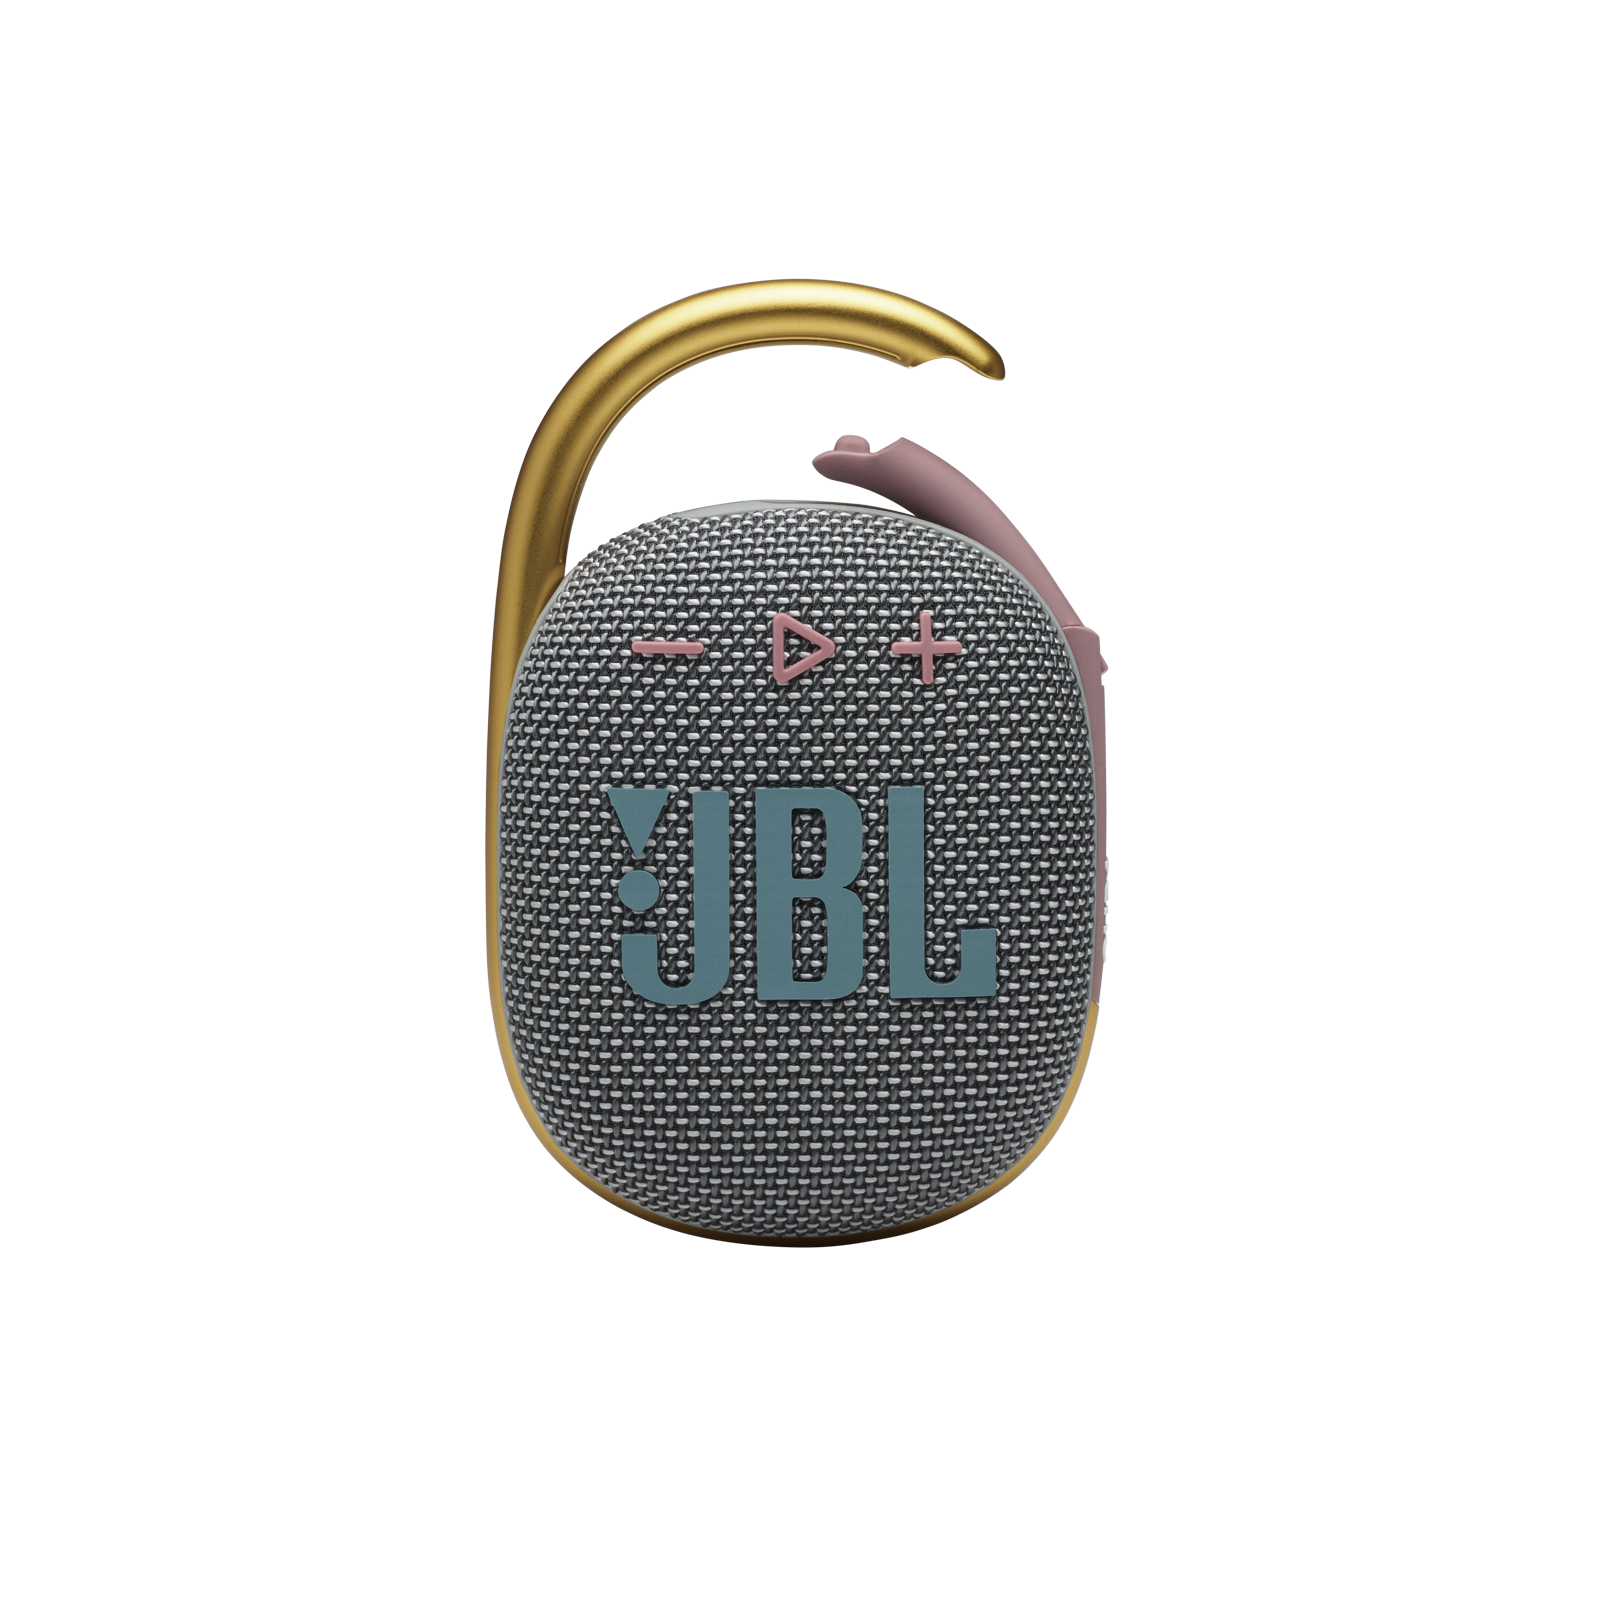 JBL CLIP 4 - Grey - Ultra-portable Waterproof Speaker - Front